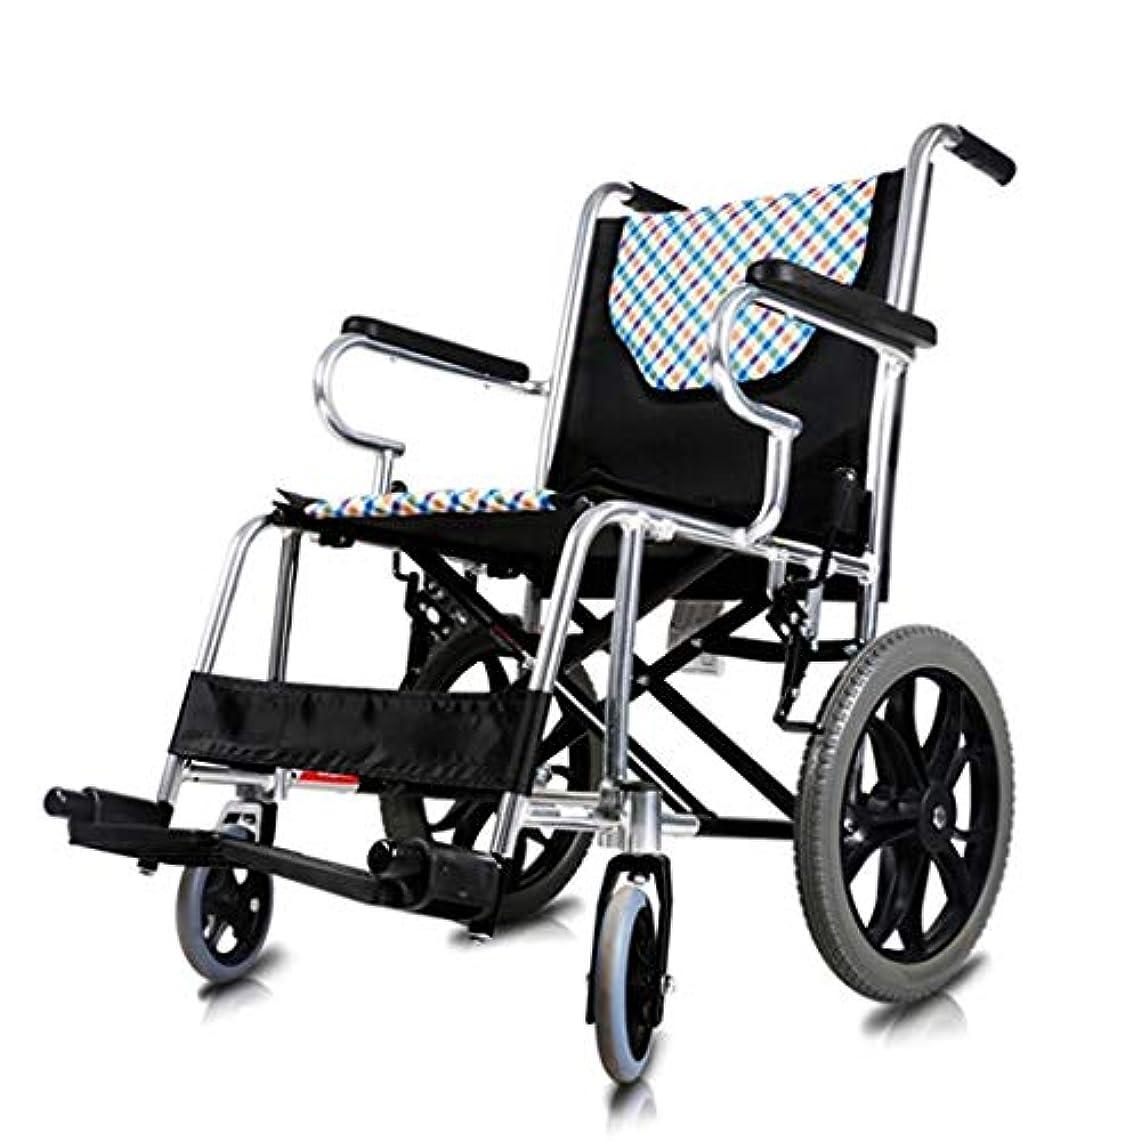 犯罪指令処分した折り畳み式の車椅子手動軽量アルミニウム合金。高齢者、障害者、およびリハビリテーション患者のための車椅子